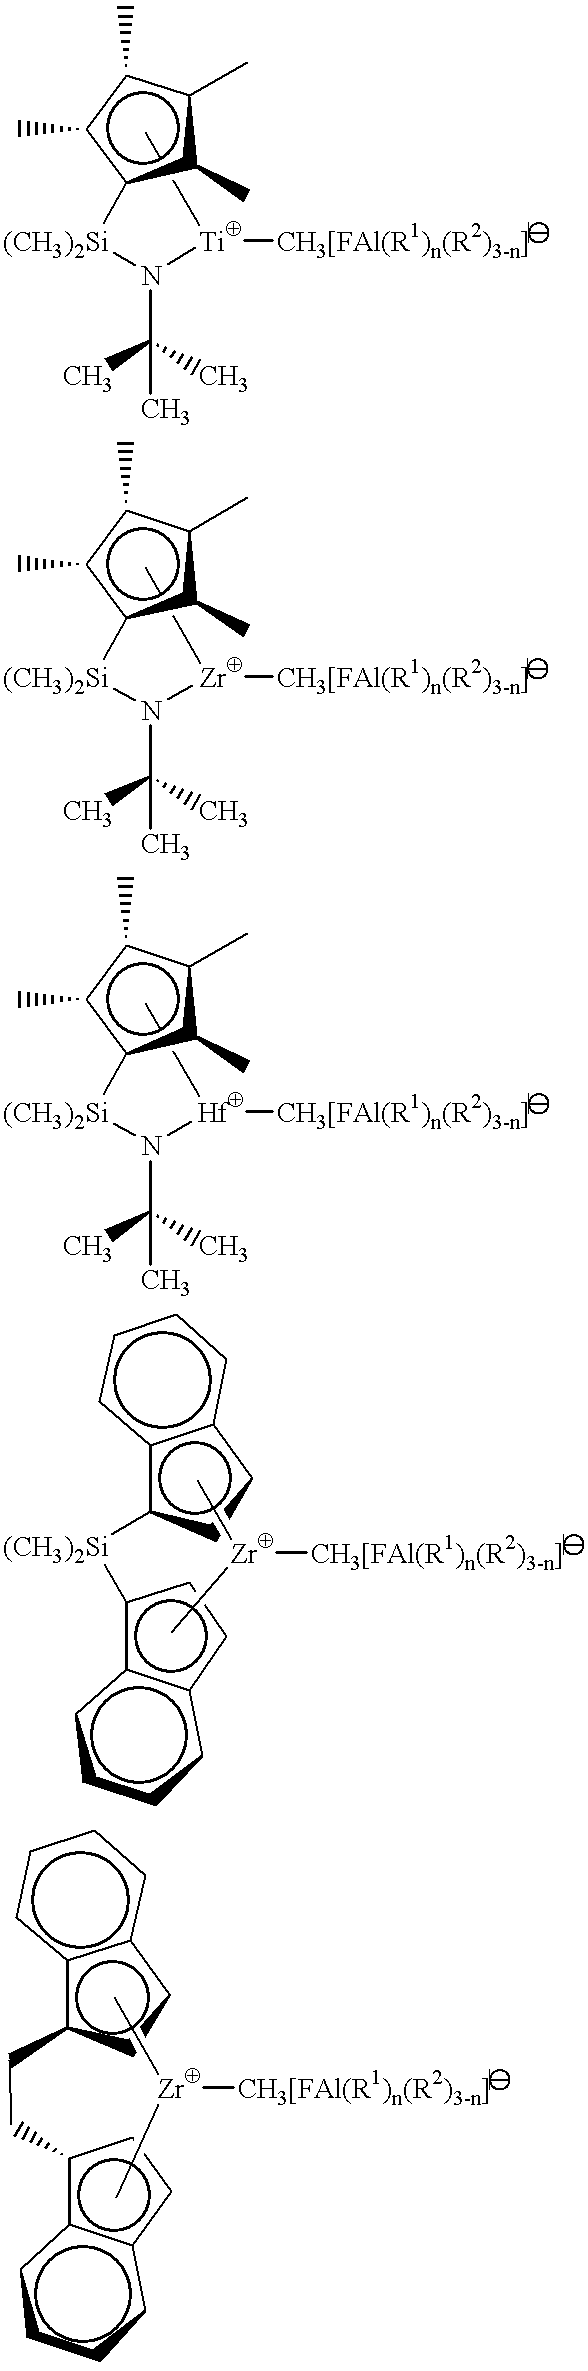 Figure US06262200-20010717-C00004